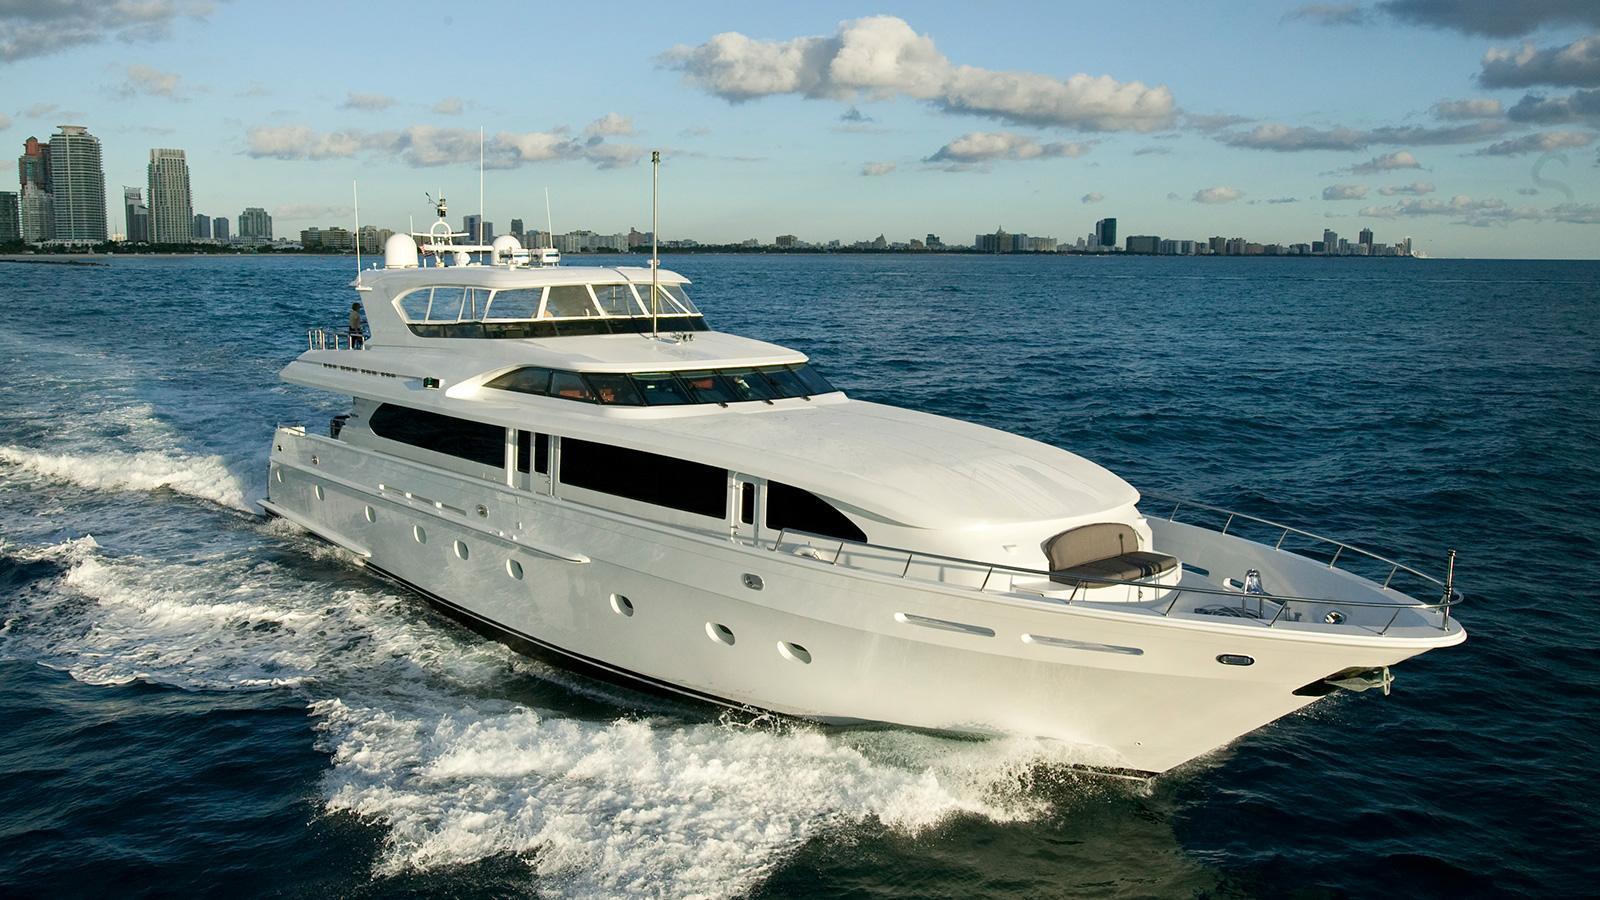 outta-touch-motoryacht-intermarine-usa-2000-32m-running-half-profile